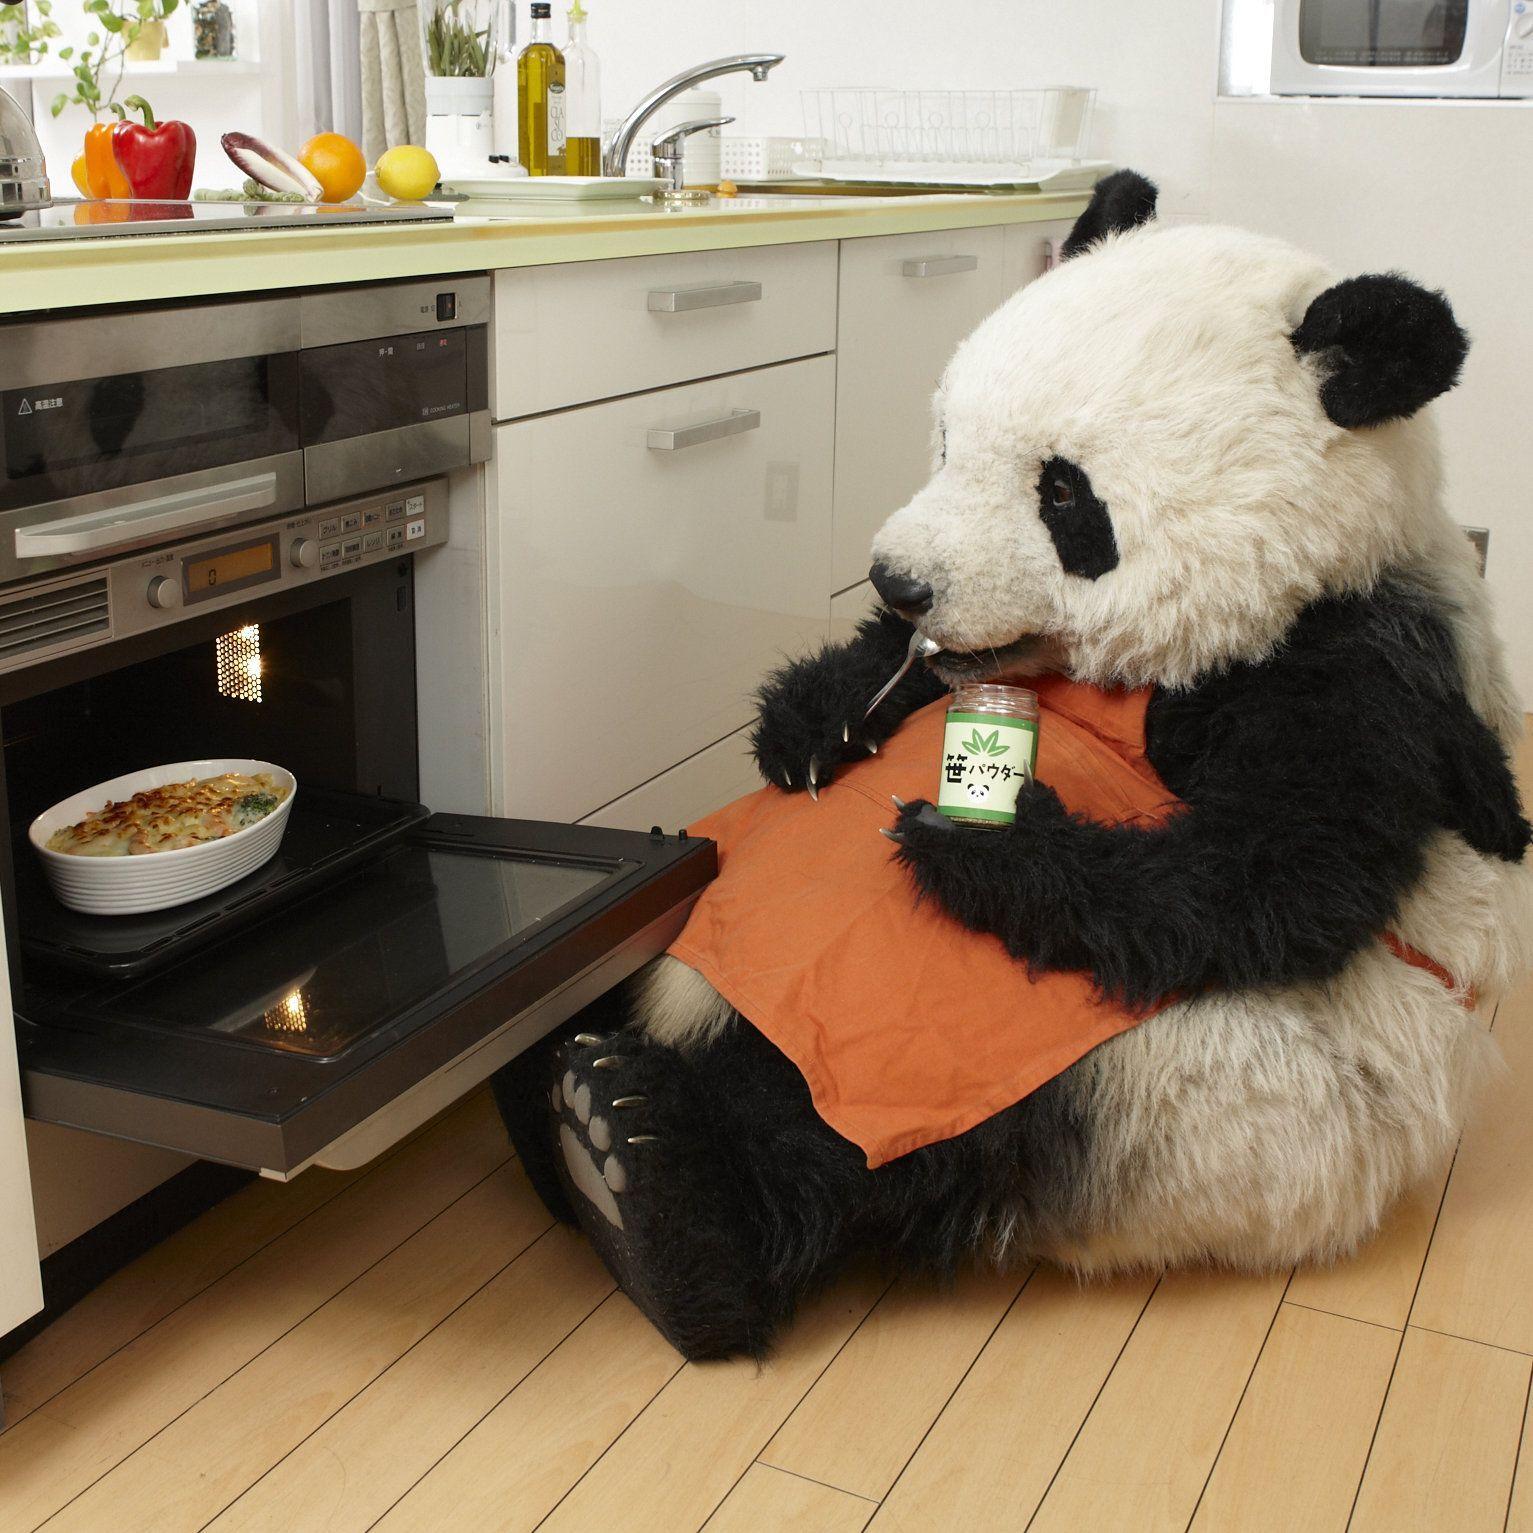 cooking_05_熱々のお皿_049 #babypandabears cooking_05_熱々のお皿_049 #babypandabears